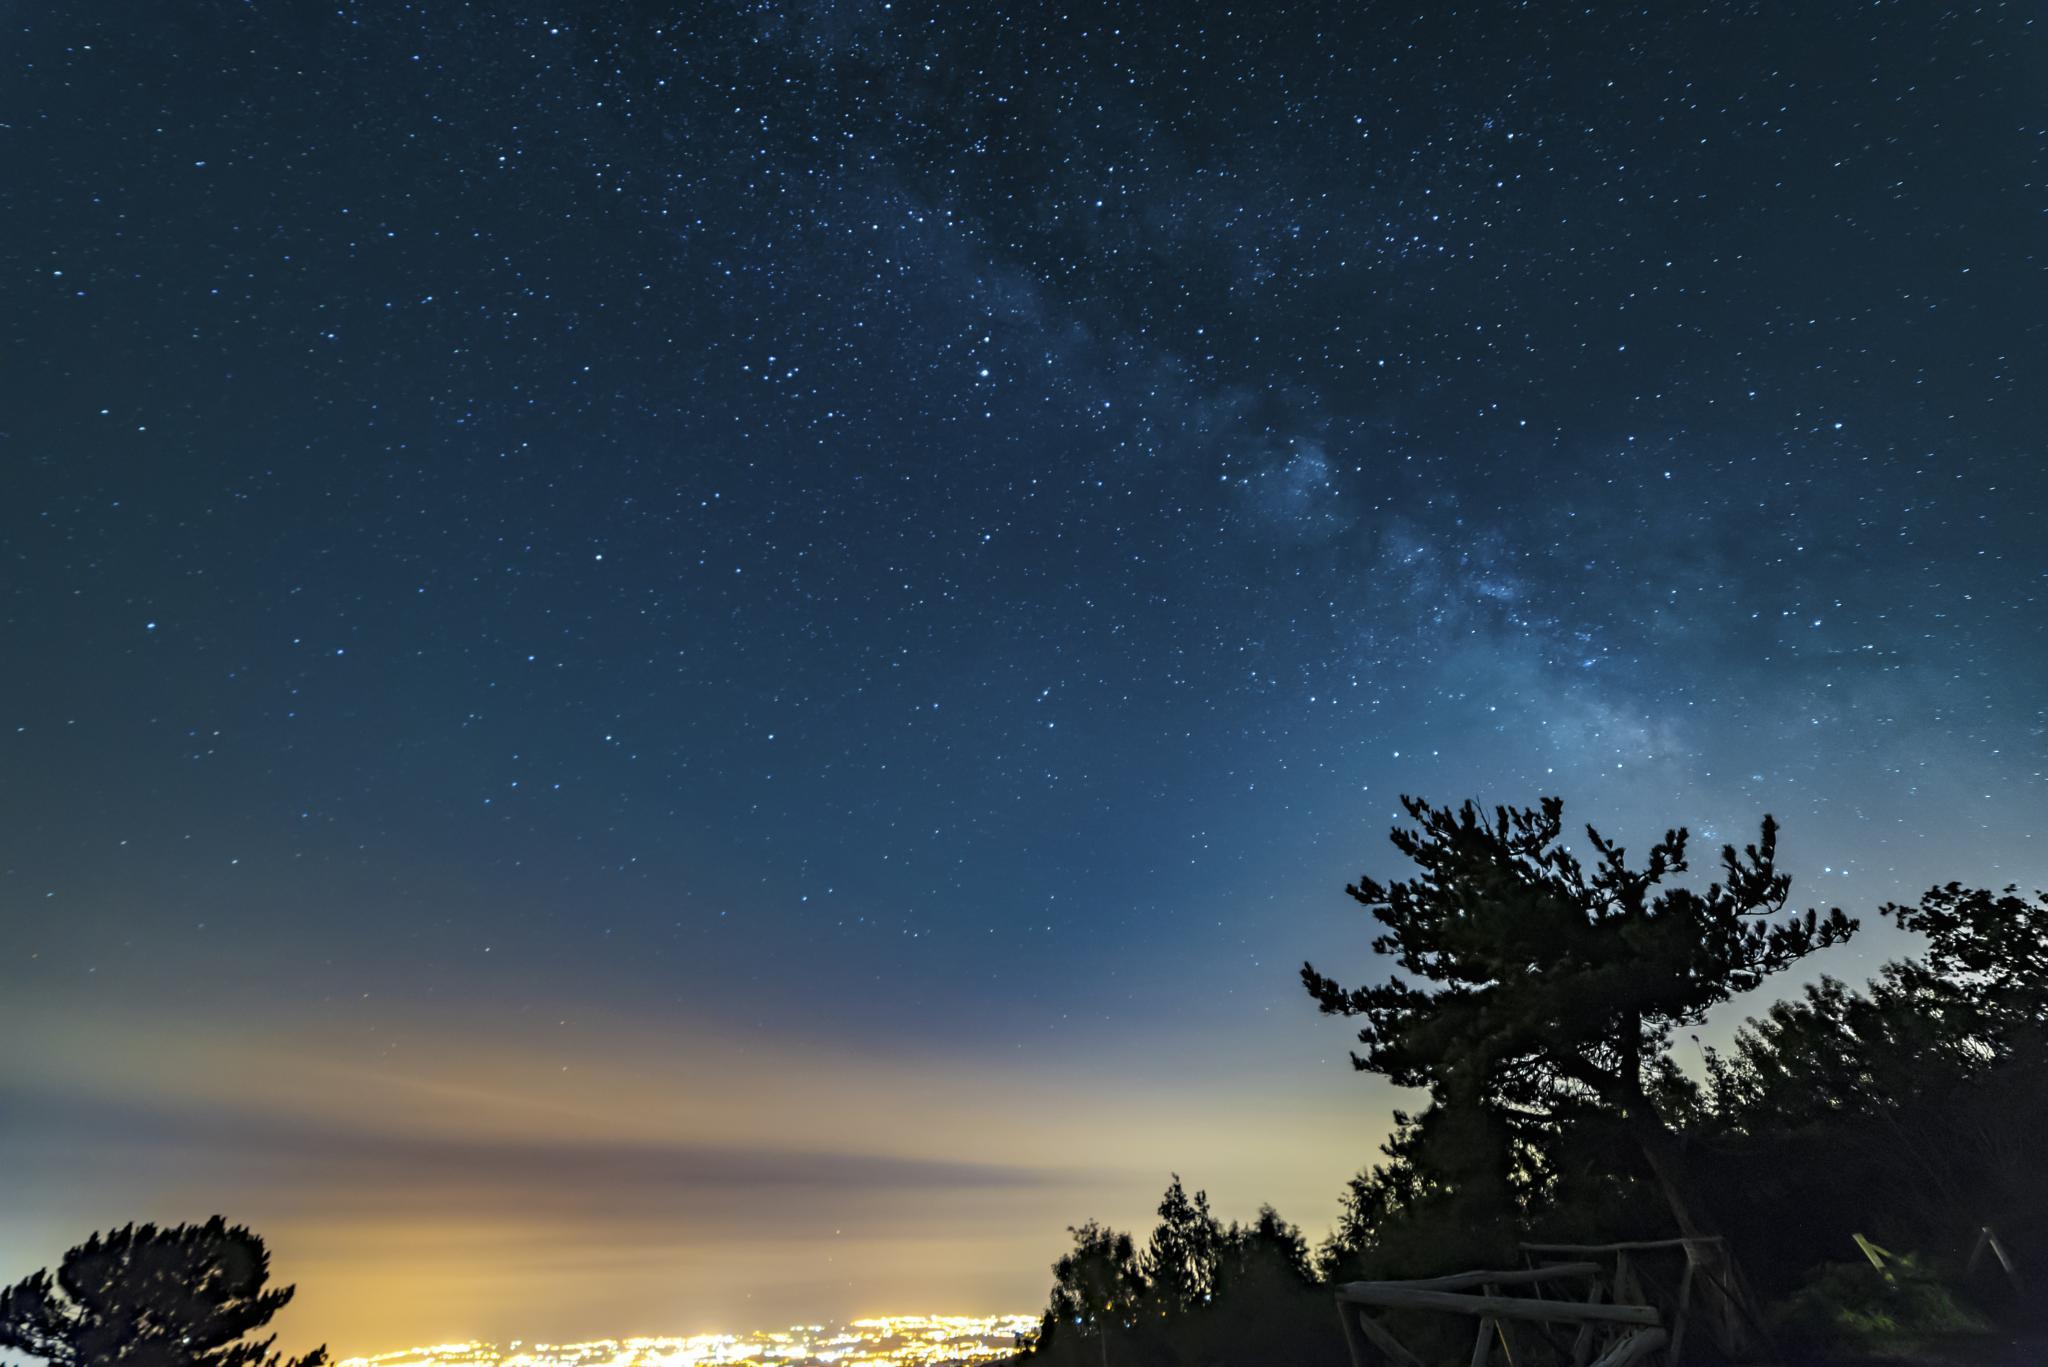 Milky Way over the Etna villages by Antonio Calvagno